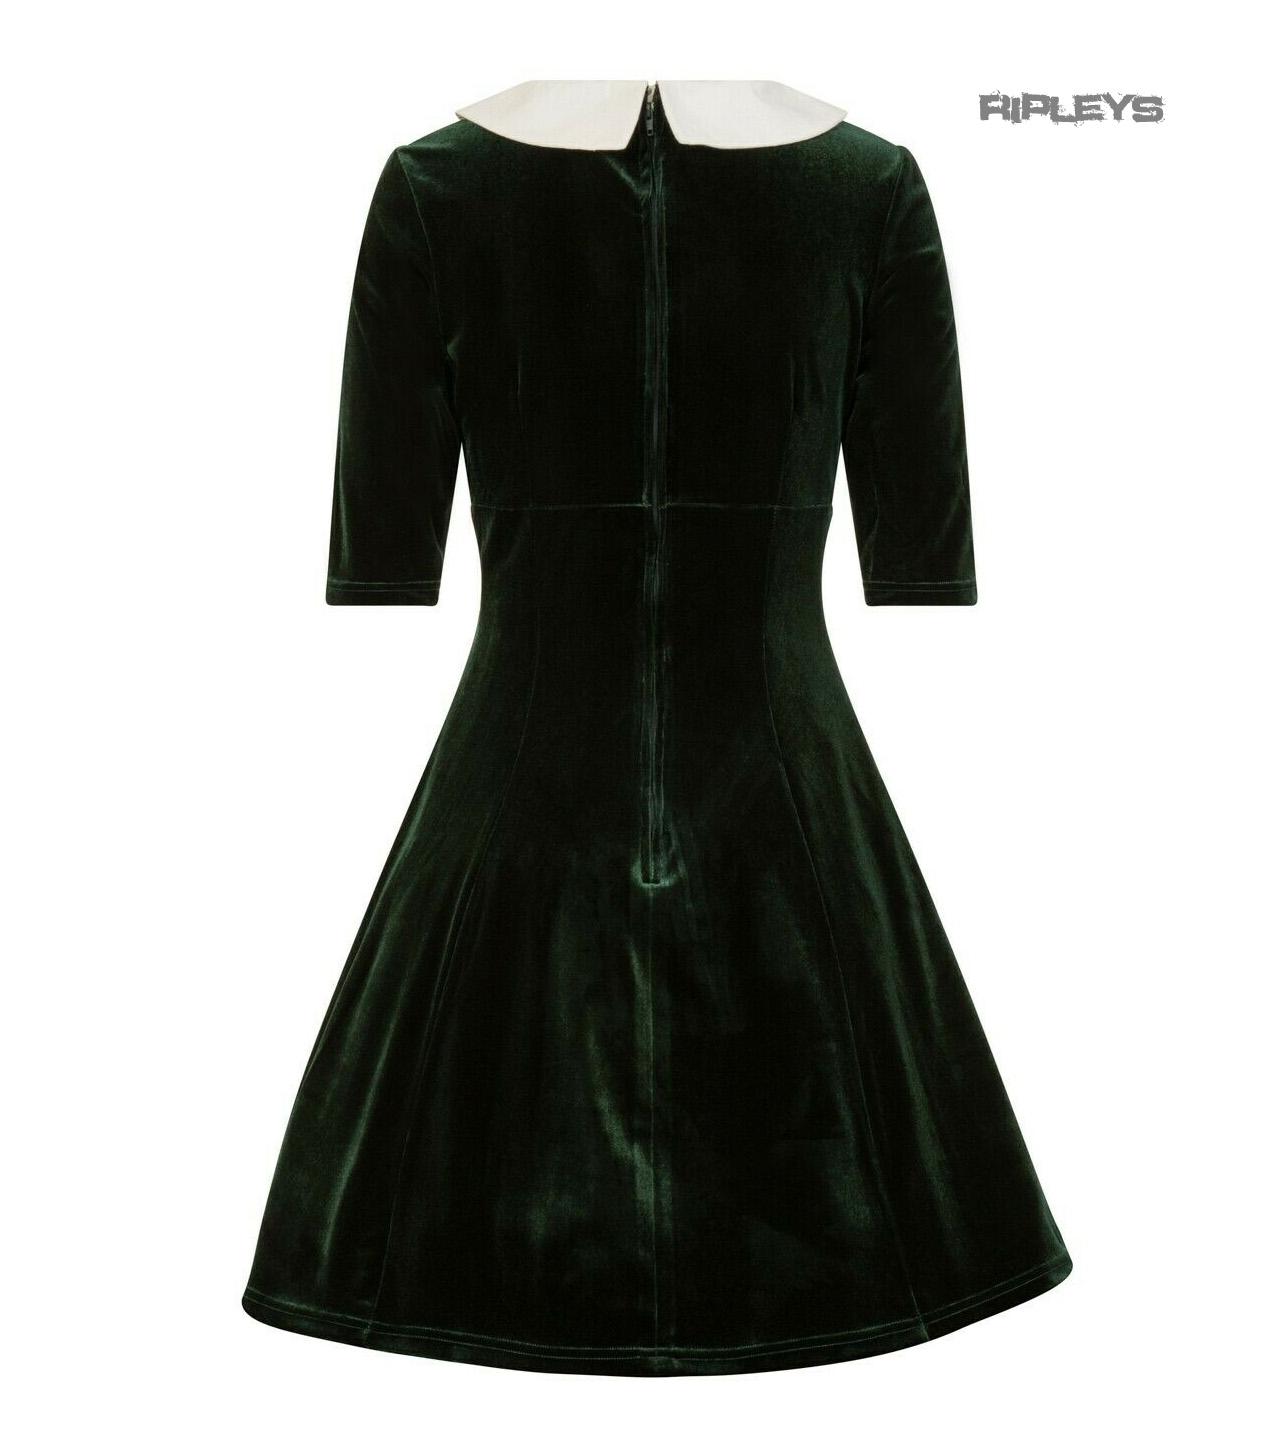 Hell-Bunny-Mini-Skater-Dress-Festive-Christmas-NICOLA-Green-Velvet-All-Sizes thumbnail 4